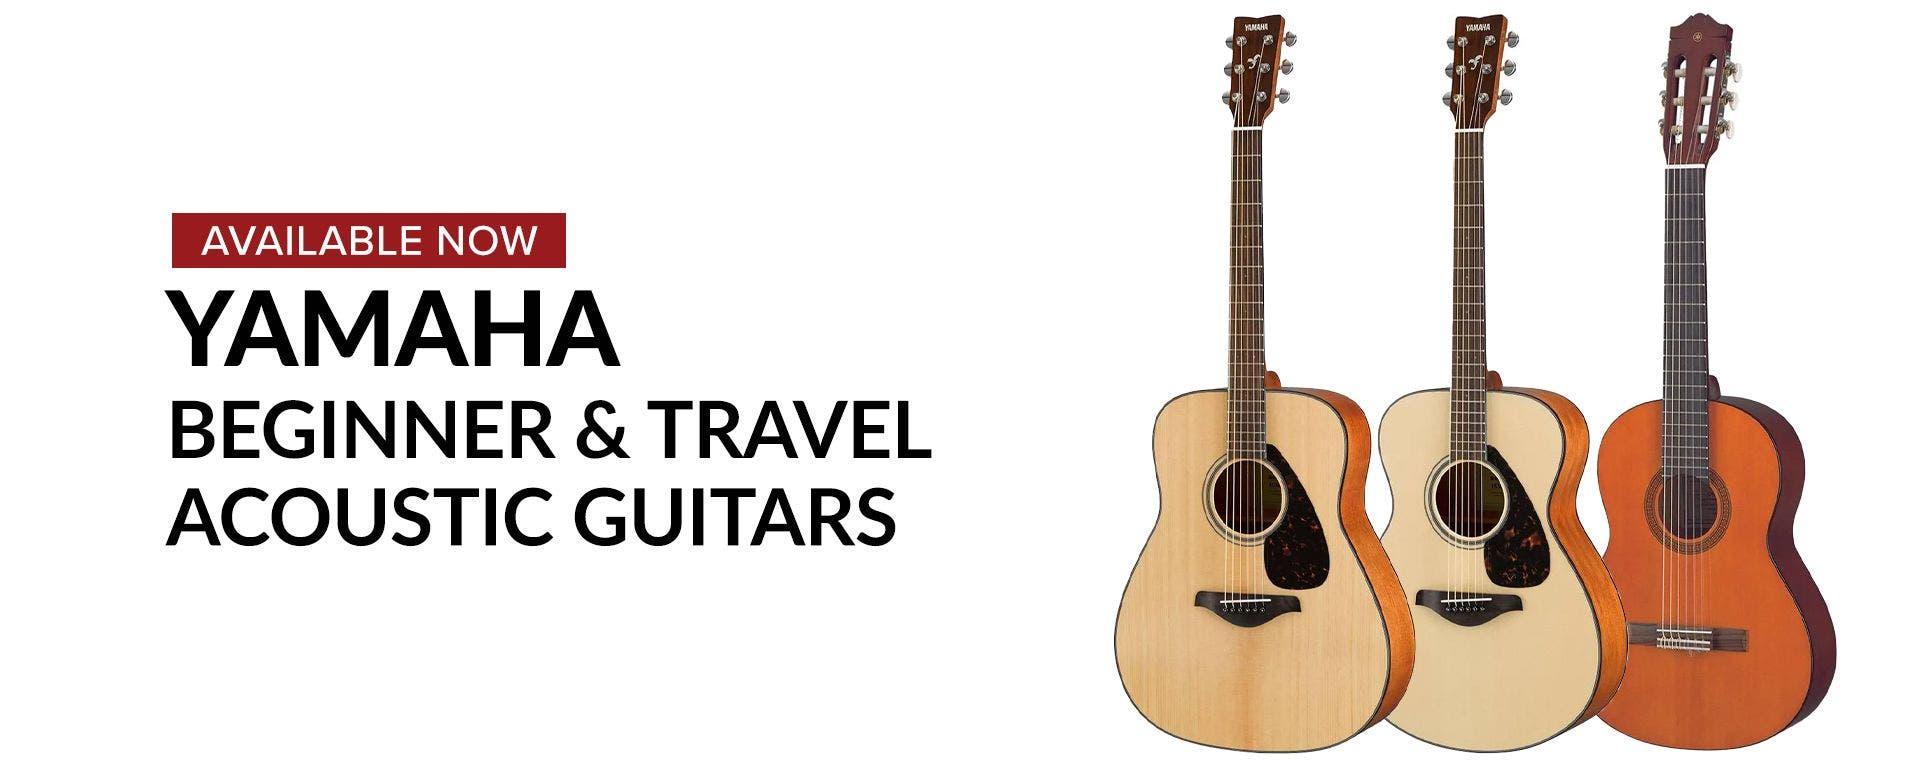 Yamaha Begginner & Travel Acoustic Guitars At Sam Ash